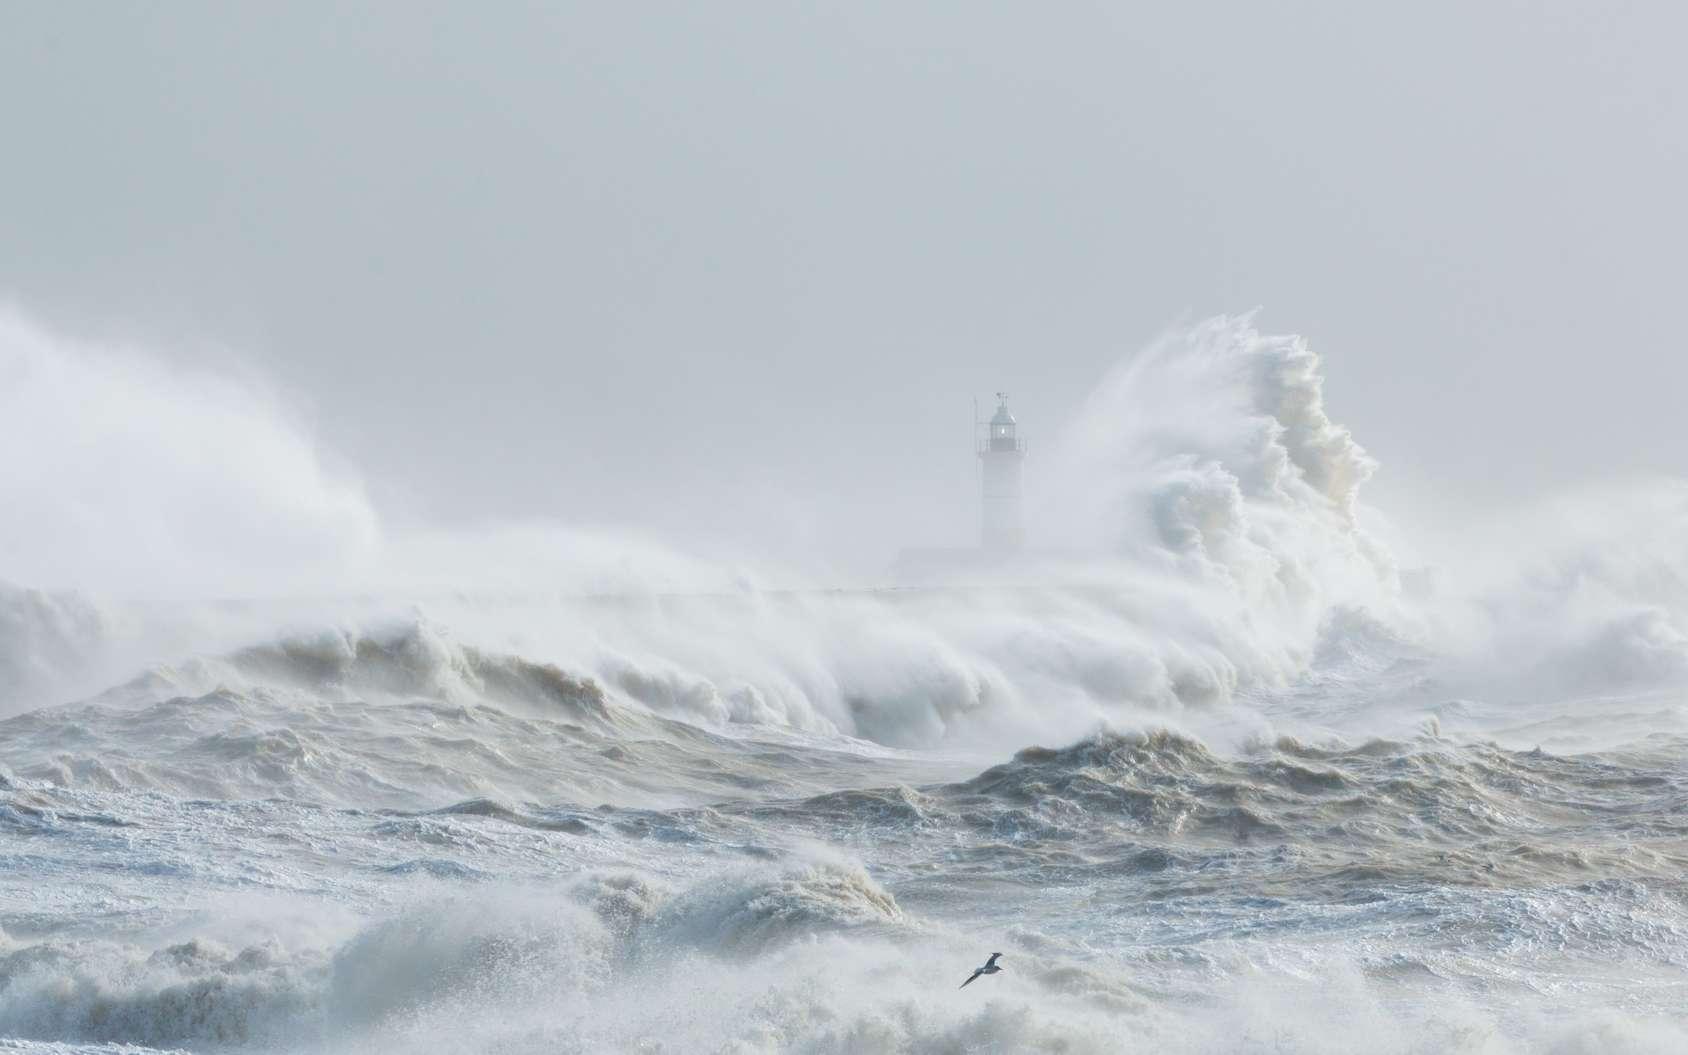 En Europe, les tempêtes sont baptisées à partir de listes établies par des inconnus. © Ian, Fotolia